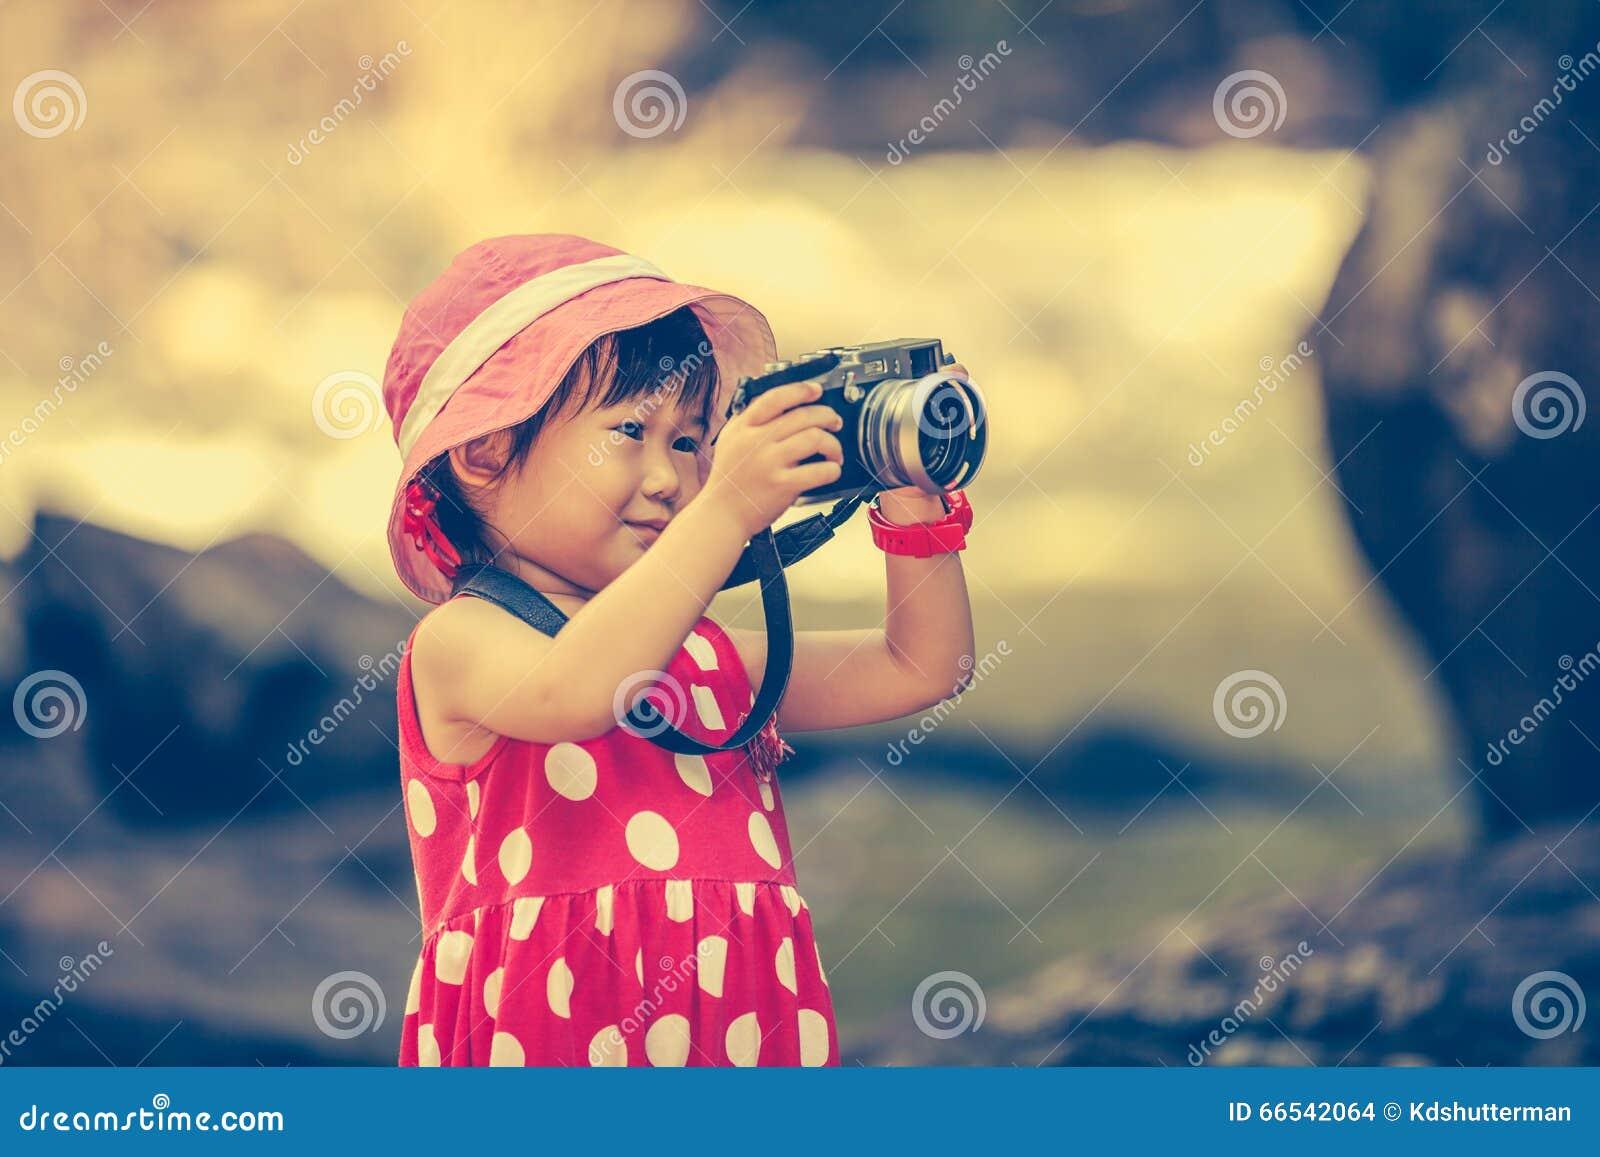 professionalnoe-foto-aziatskih-devushek-lichnie-foto-ebem-v-rot-i-v-zhopu